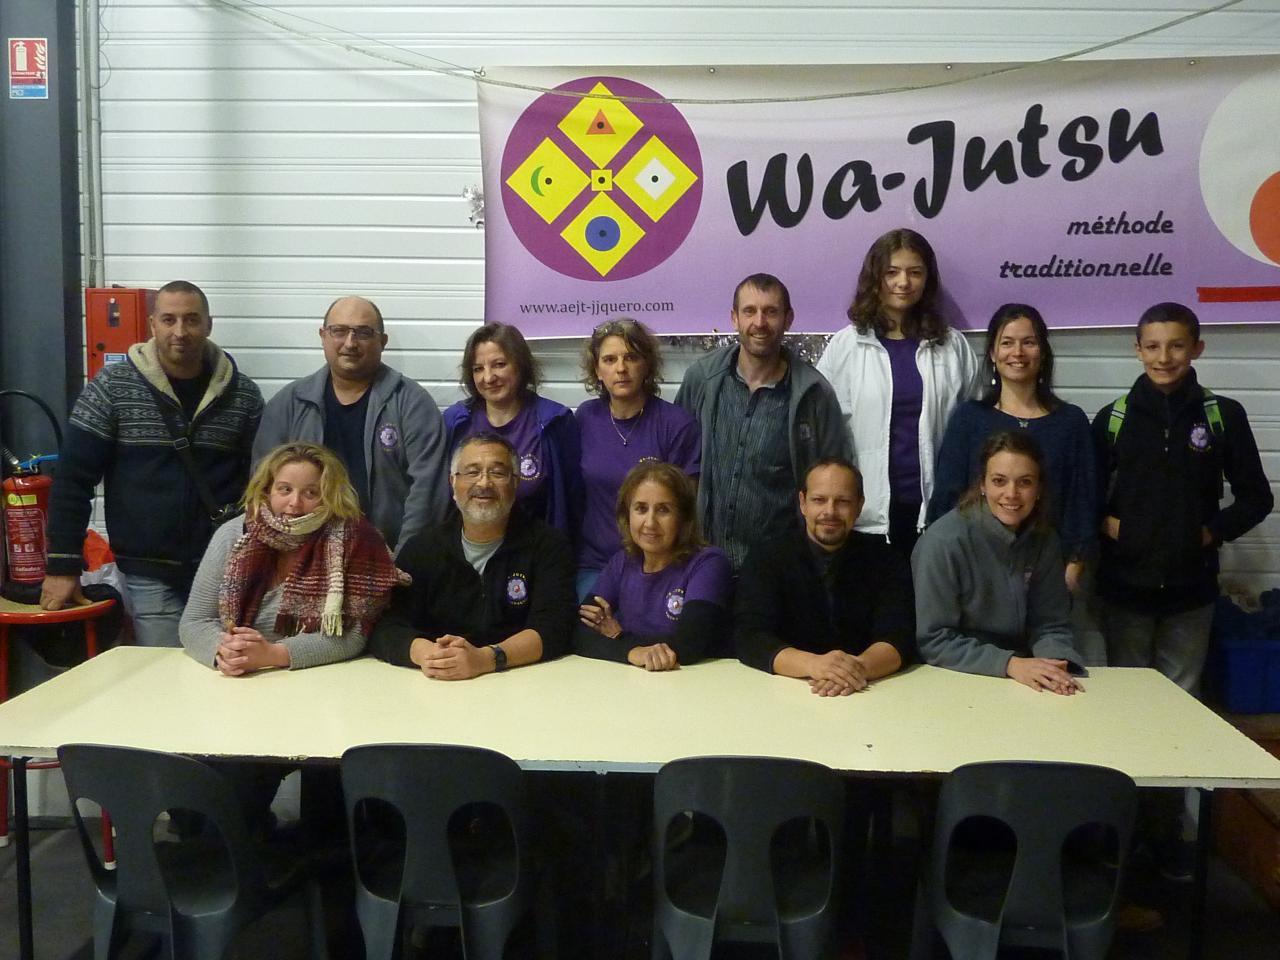 Equipe du loto au Cercle, 2 décembre 2017, Wa-Jutsu Villeneuvois